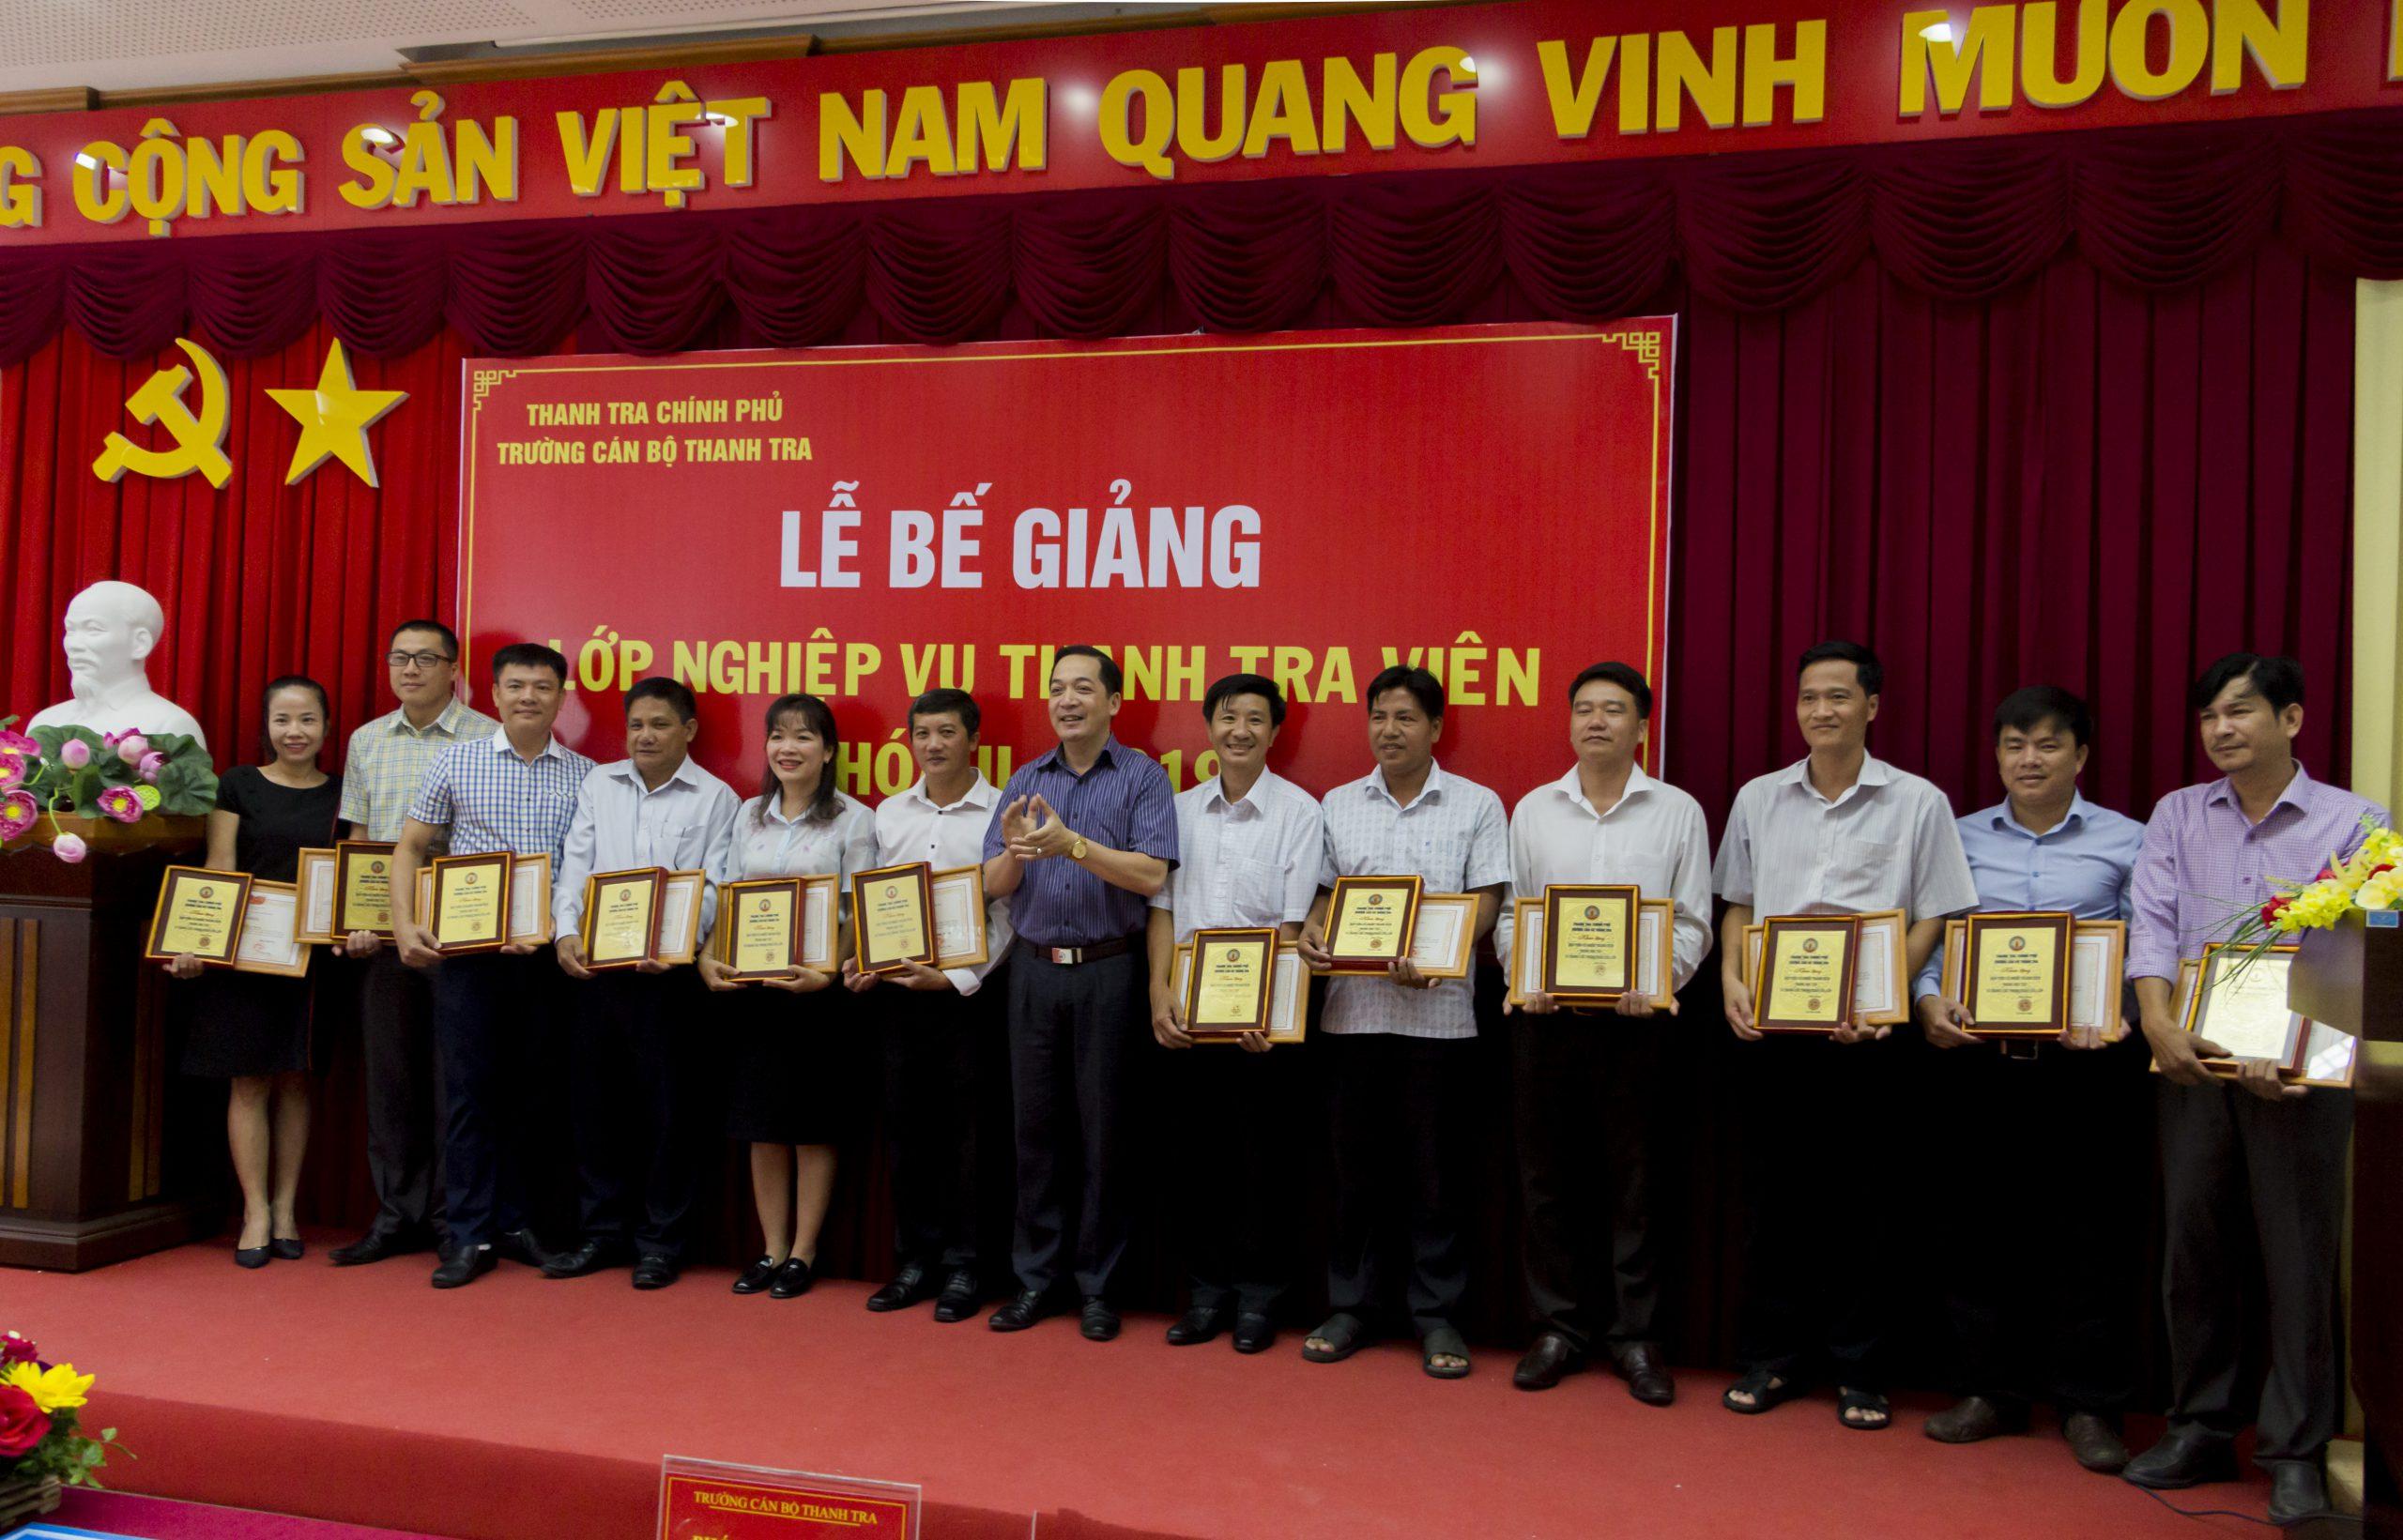 TS Nguyễn Huy Hoàng Phó Hiệu trưởng Trg CBTT trao giấy khen cho HV